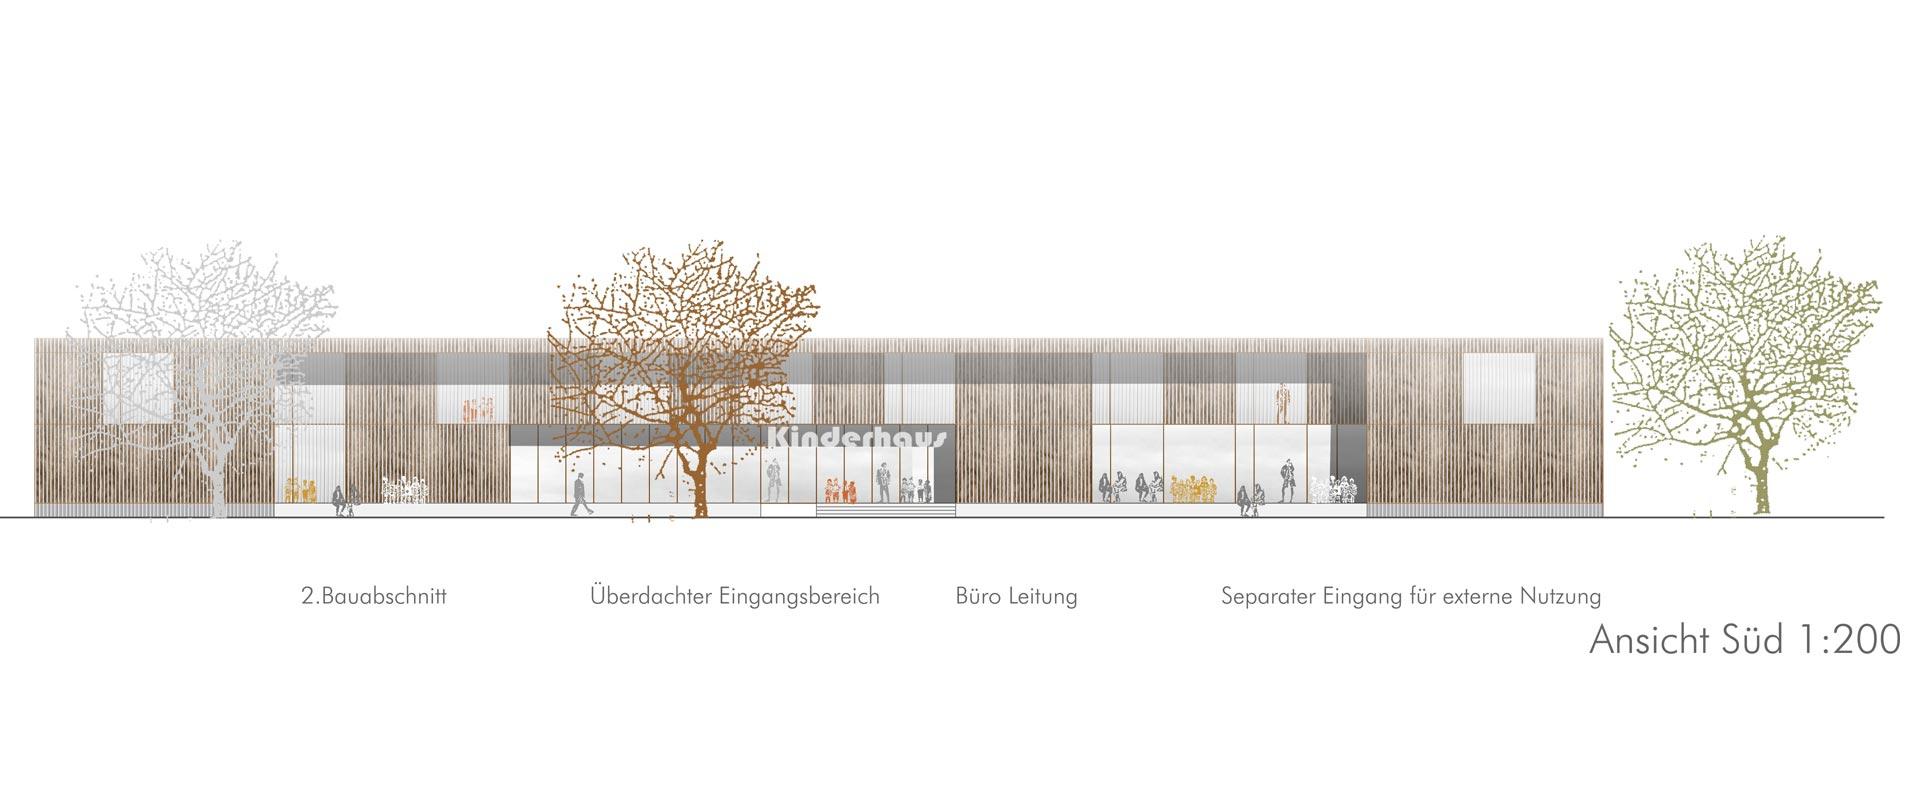 e v a r e b e r architektur dortmund kinderhaus. Black Bedroom Furniture Sets. Home Design Ideas